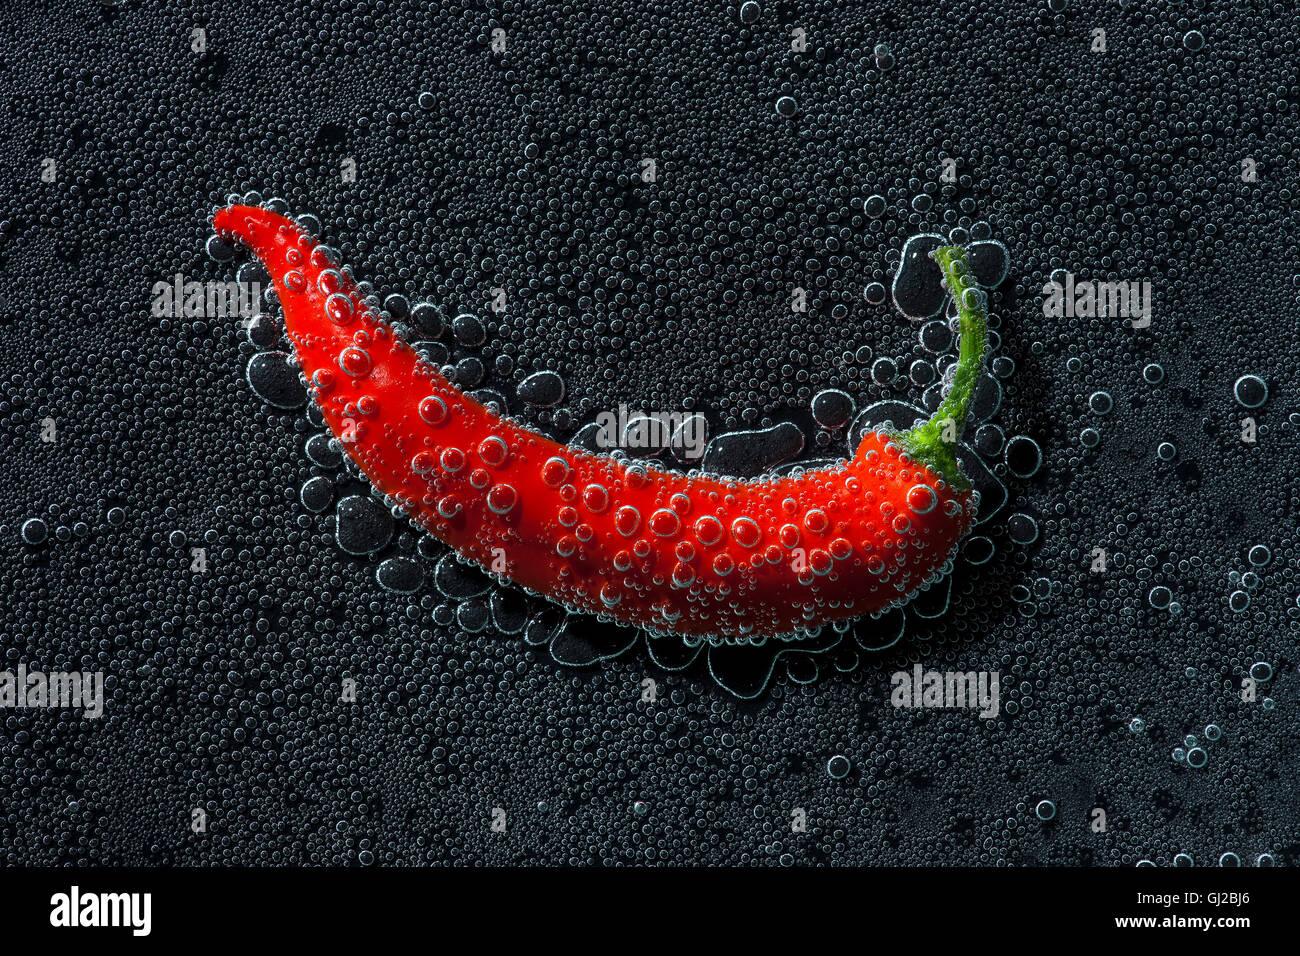 Chili Pepper dans une eau minérale, une série de photos. Close-up de l'eau gazéifiée sur Photo Stock